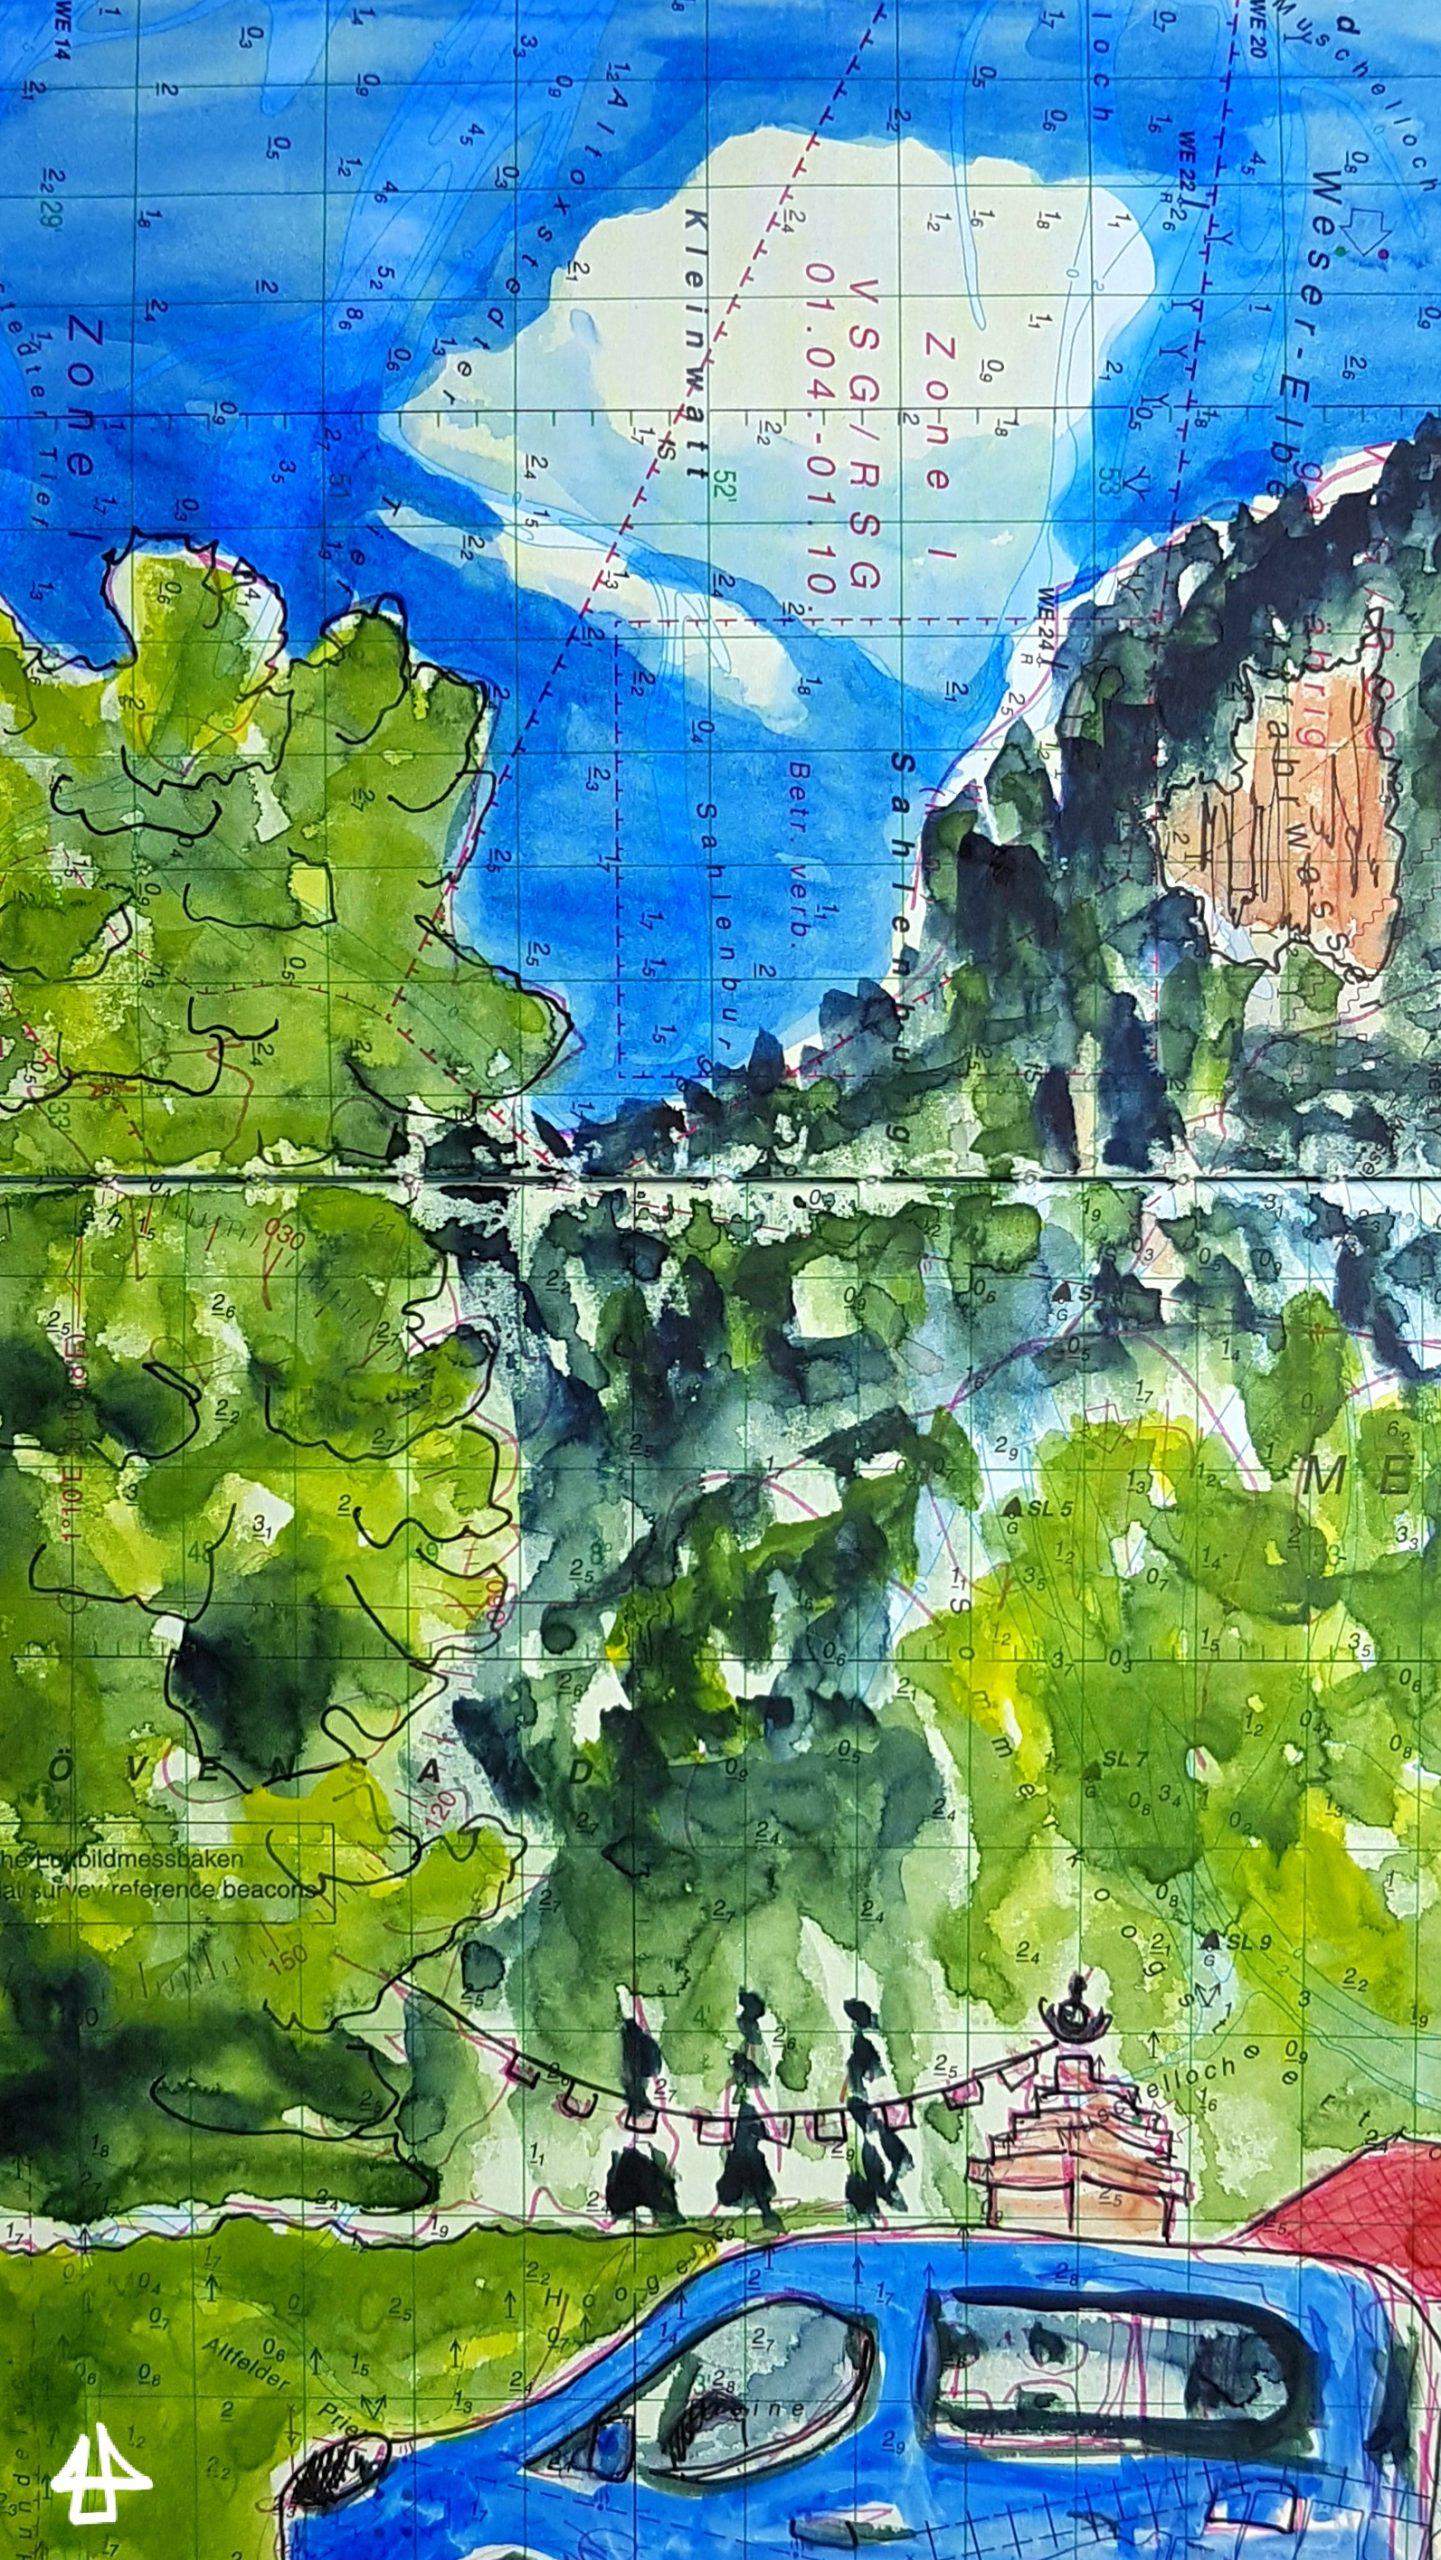 Wasserfarben und Fineliner auf alter Seekarte. Zeichnung bewaldeter Berge und einer großen weißen Wolke. Im Vordergrund ein blaues Auto und eine Statue mit Gebetsfahnen.